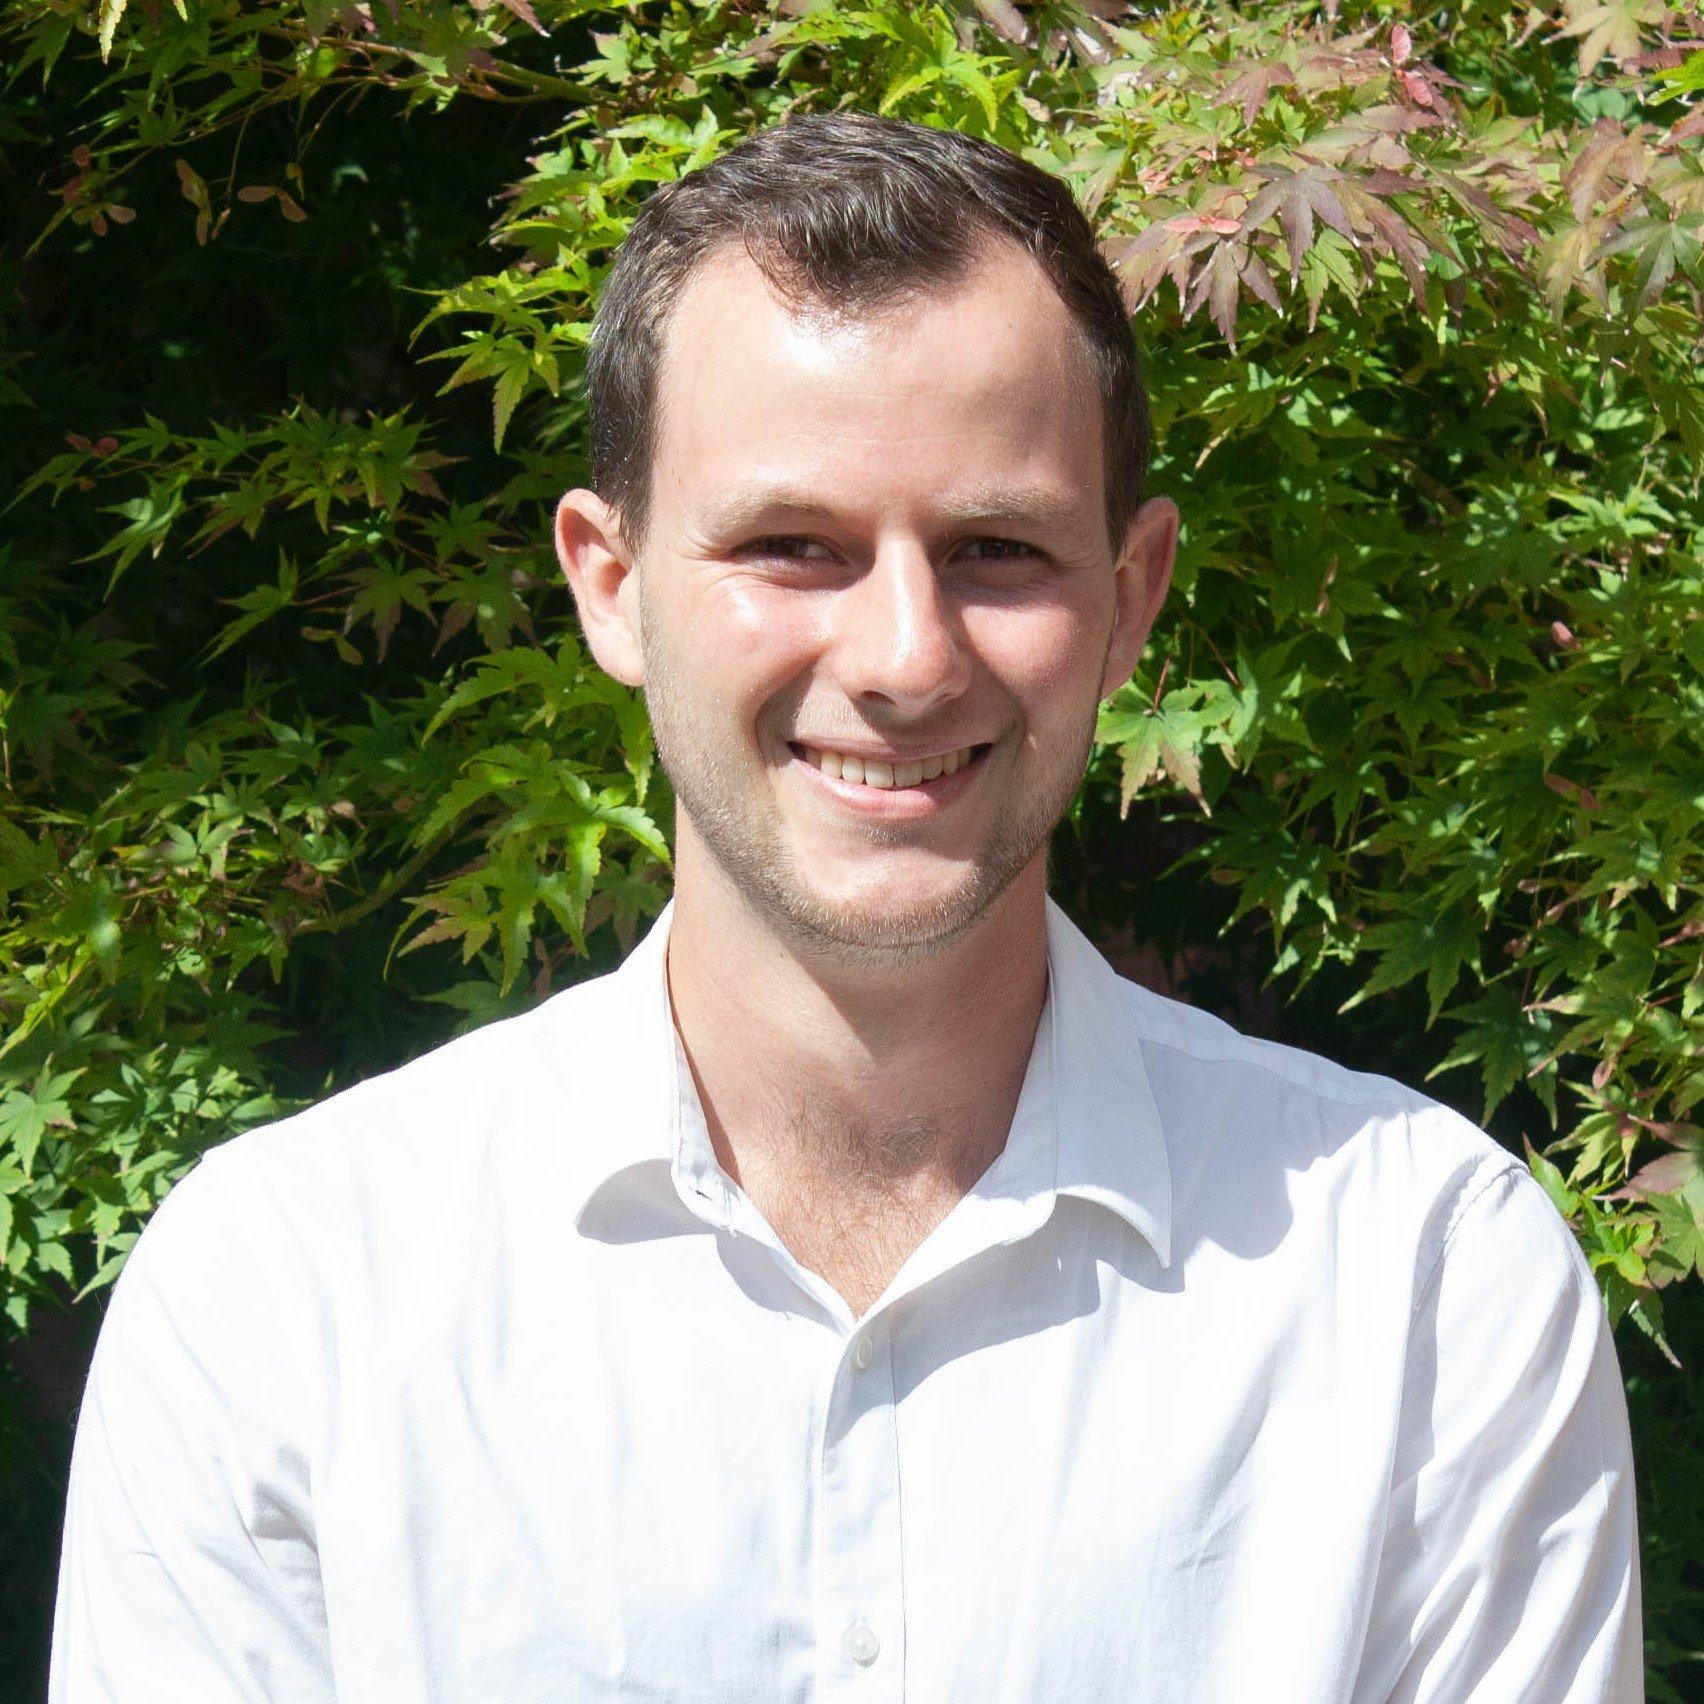 Liam Rudge